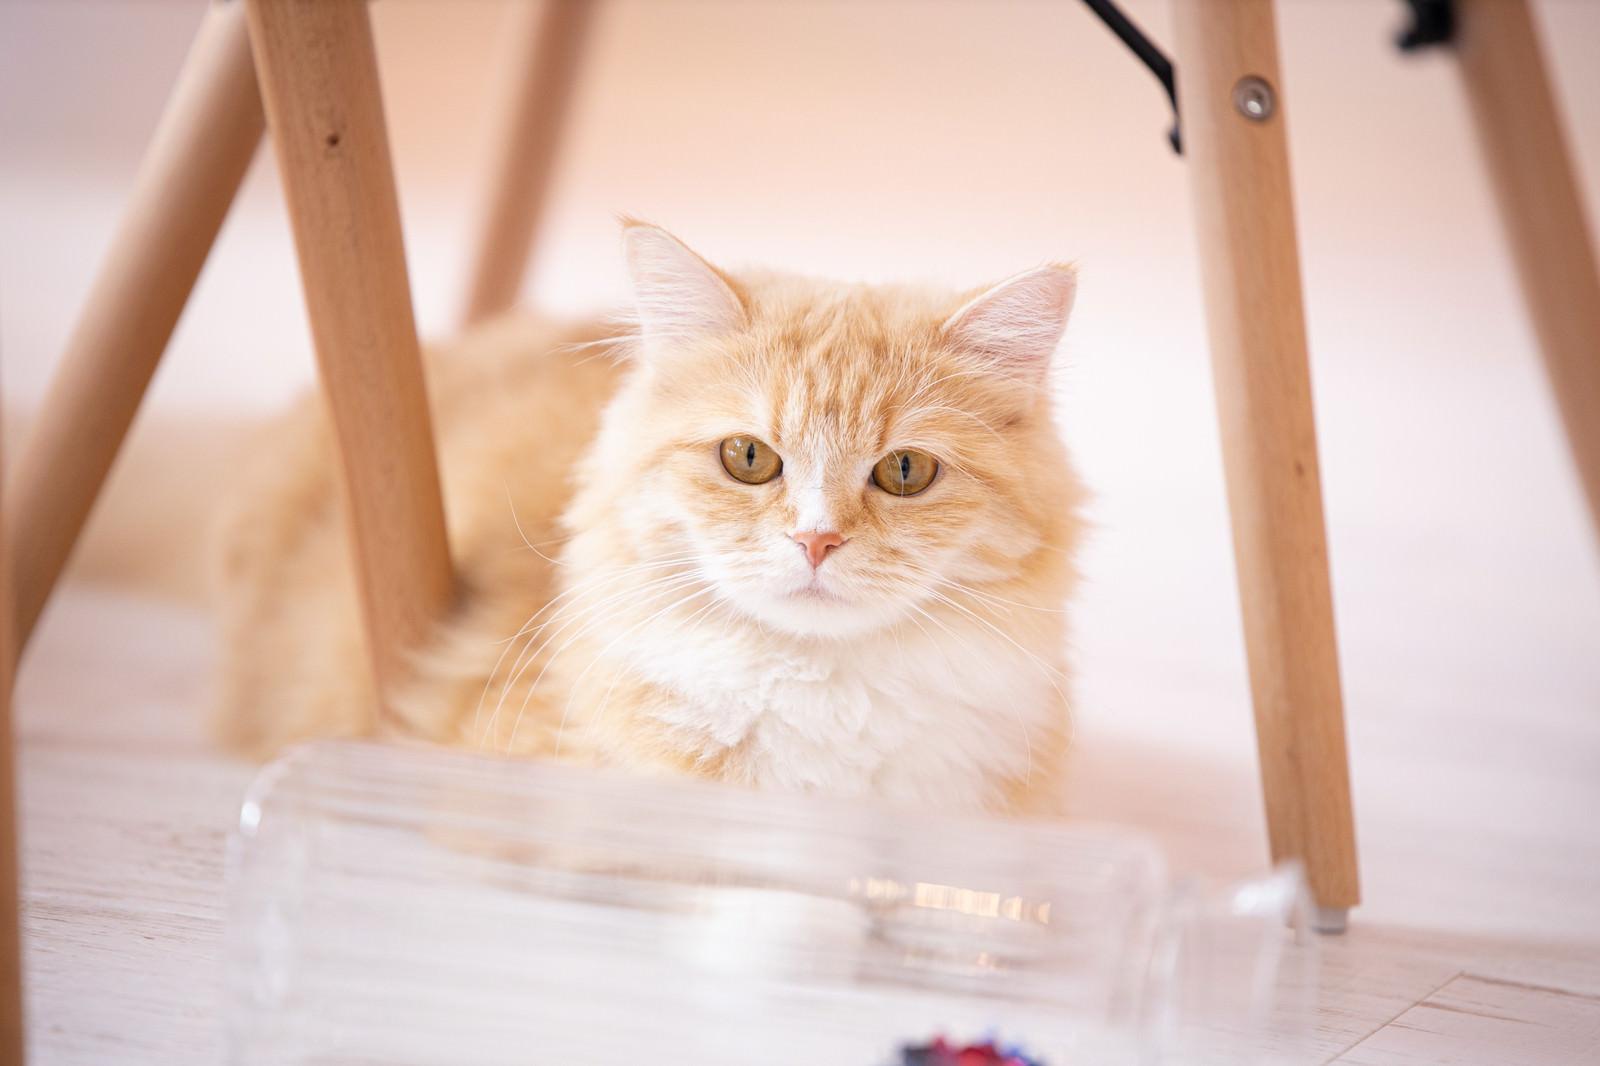 「キョトンとした氷上のラガマフィン(猫)」の写真